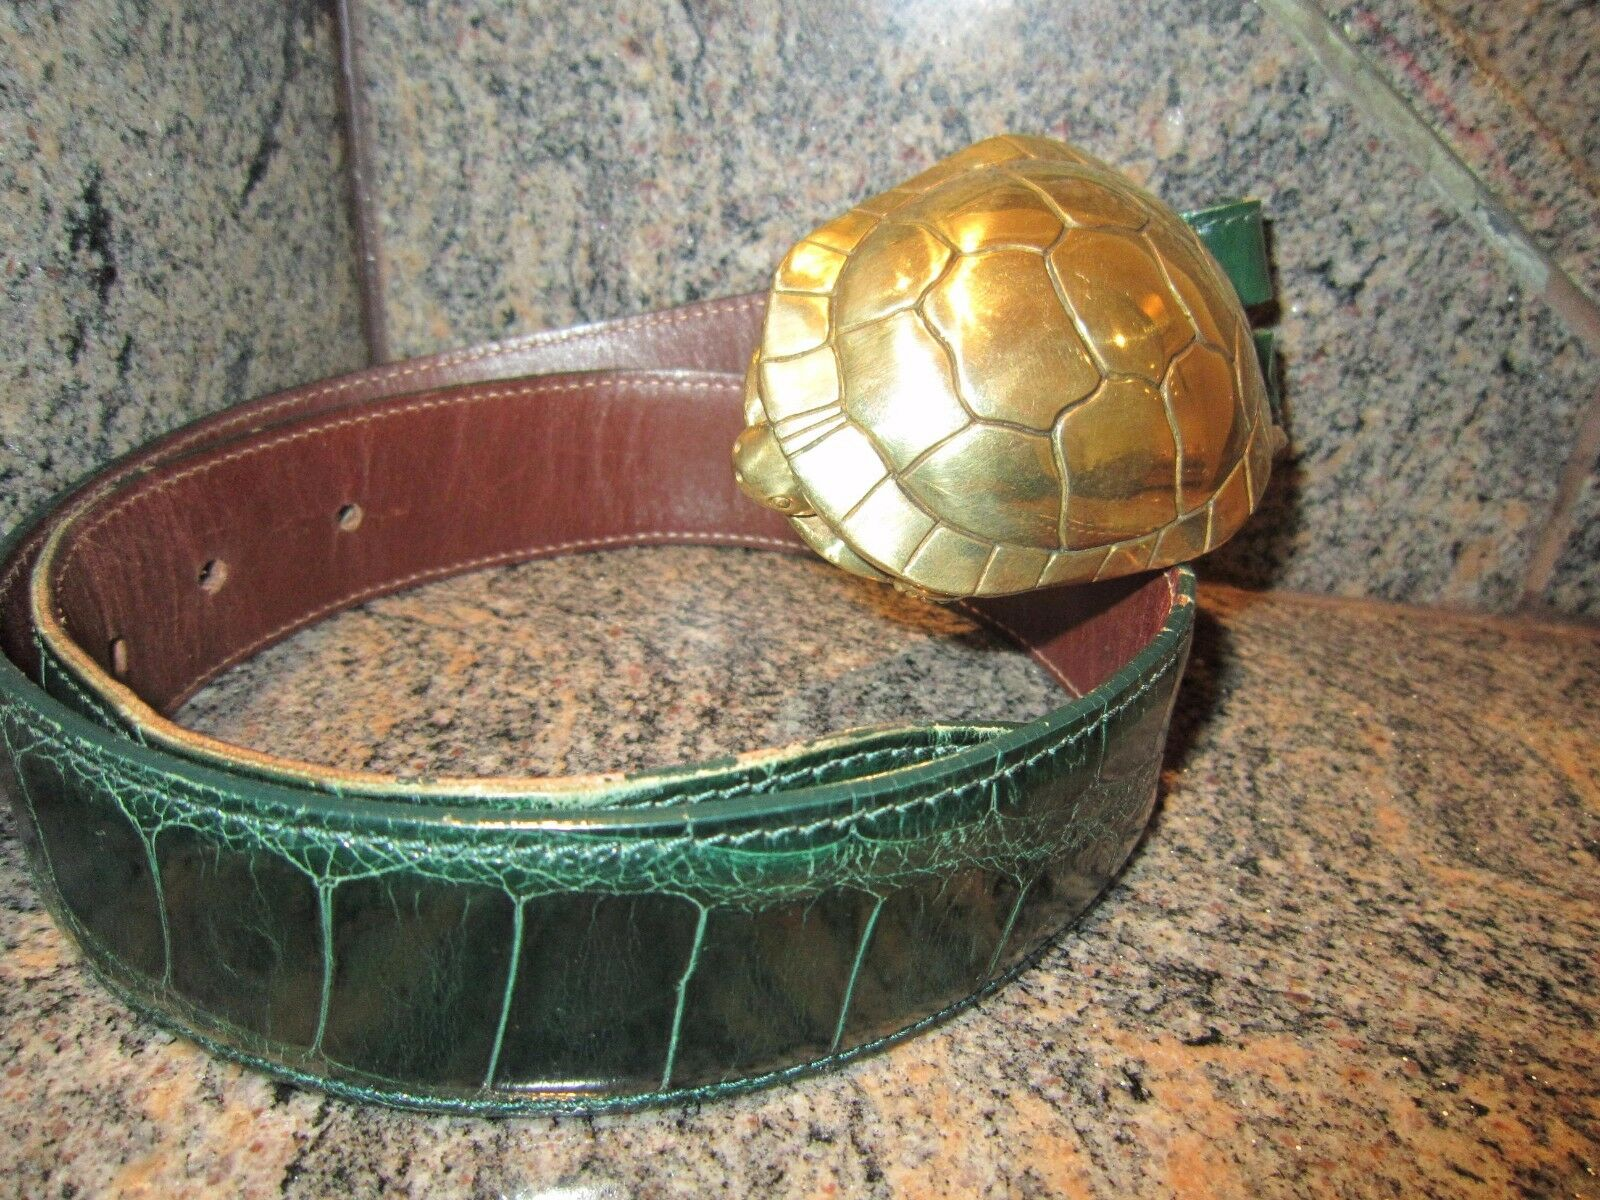 !! rara!!! enorme Kieselstein Cord arte de bronce con Hebilla de Cinturón de cocodrilo de tortuga